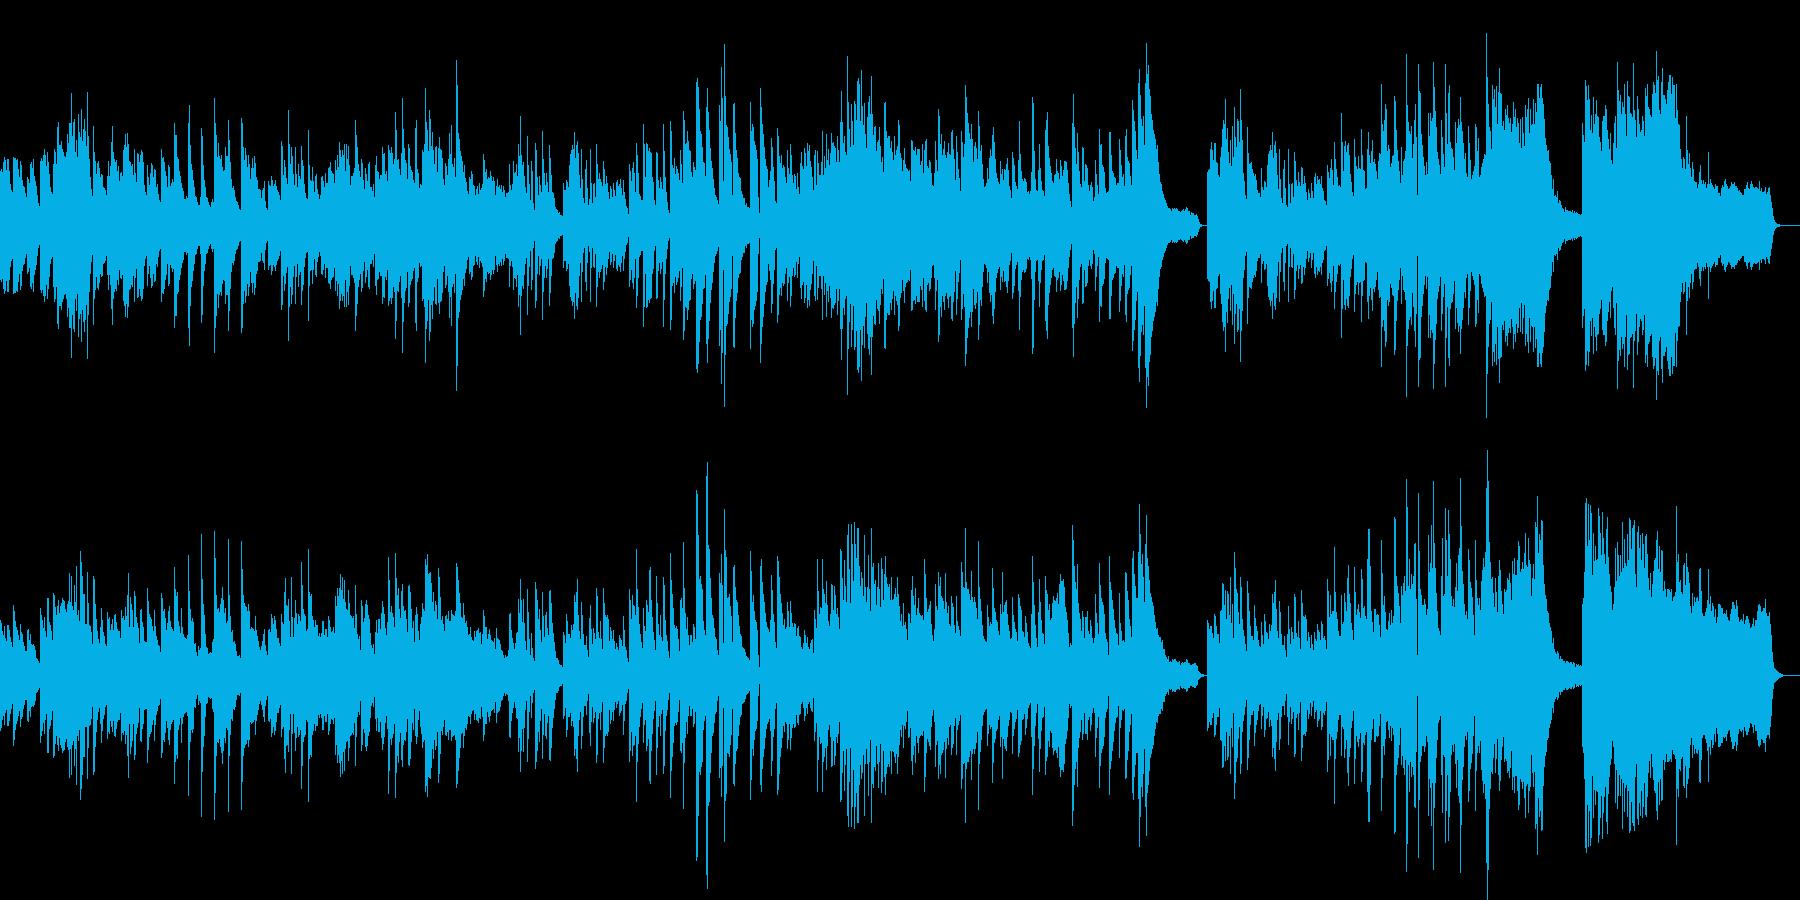 生ピアノとアンビエントの印象的なバラードの再生済みの波形